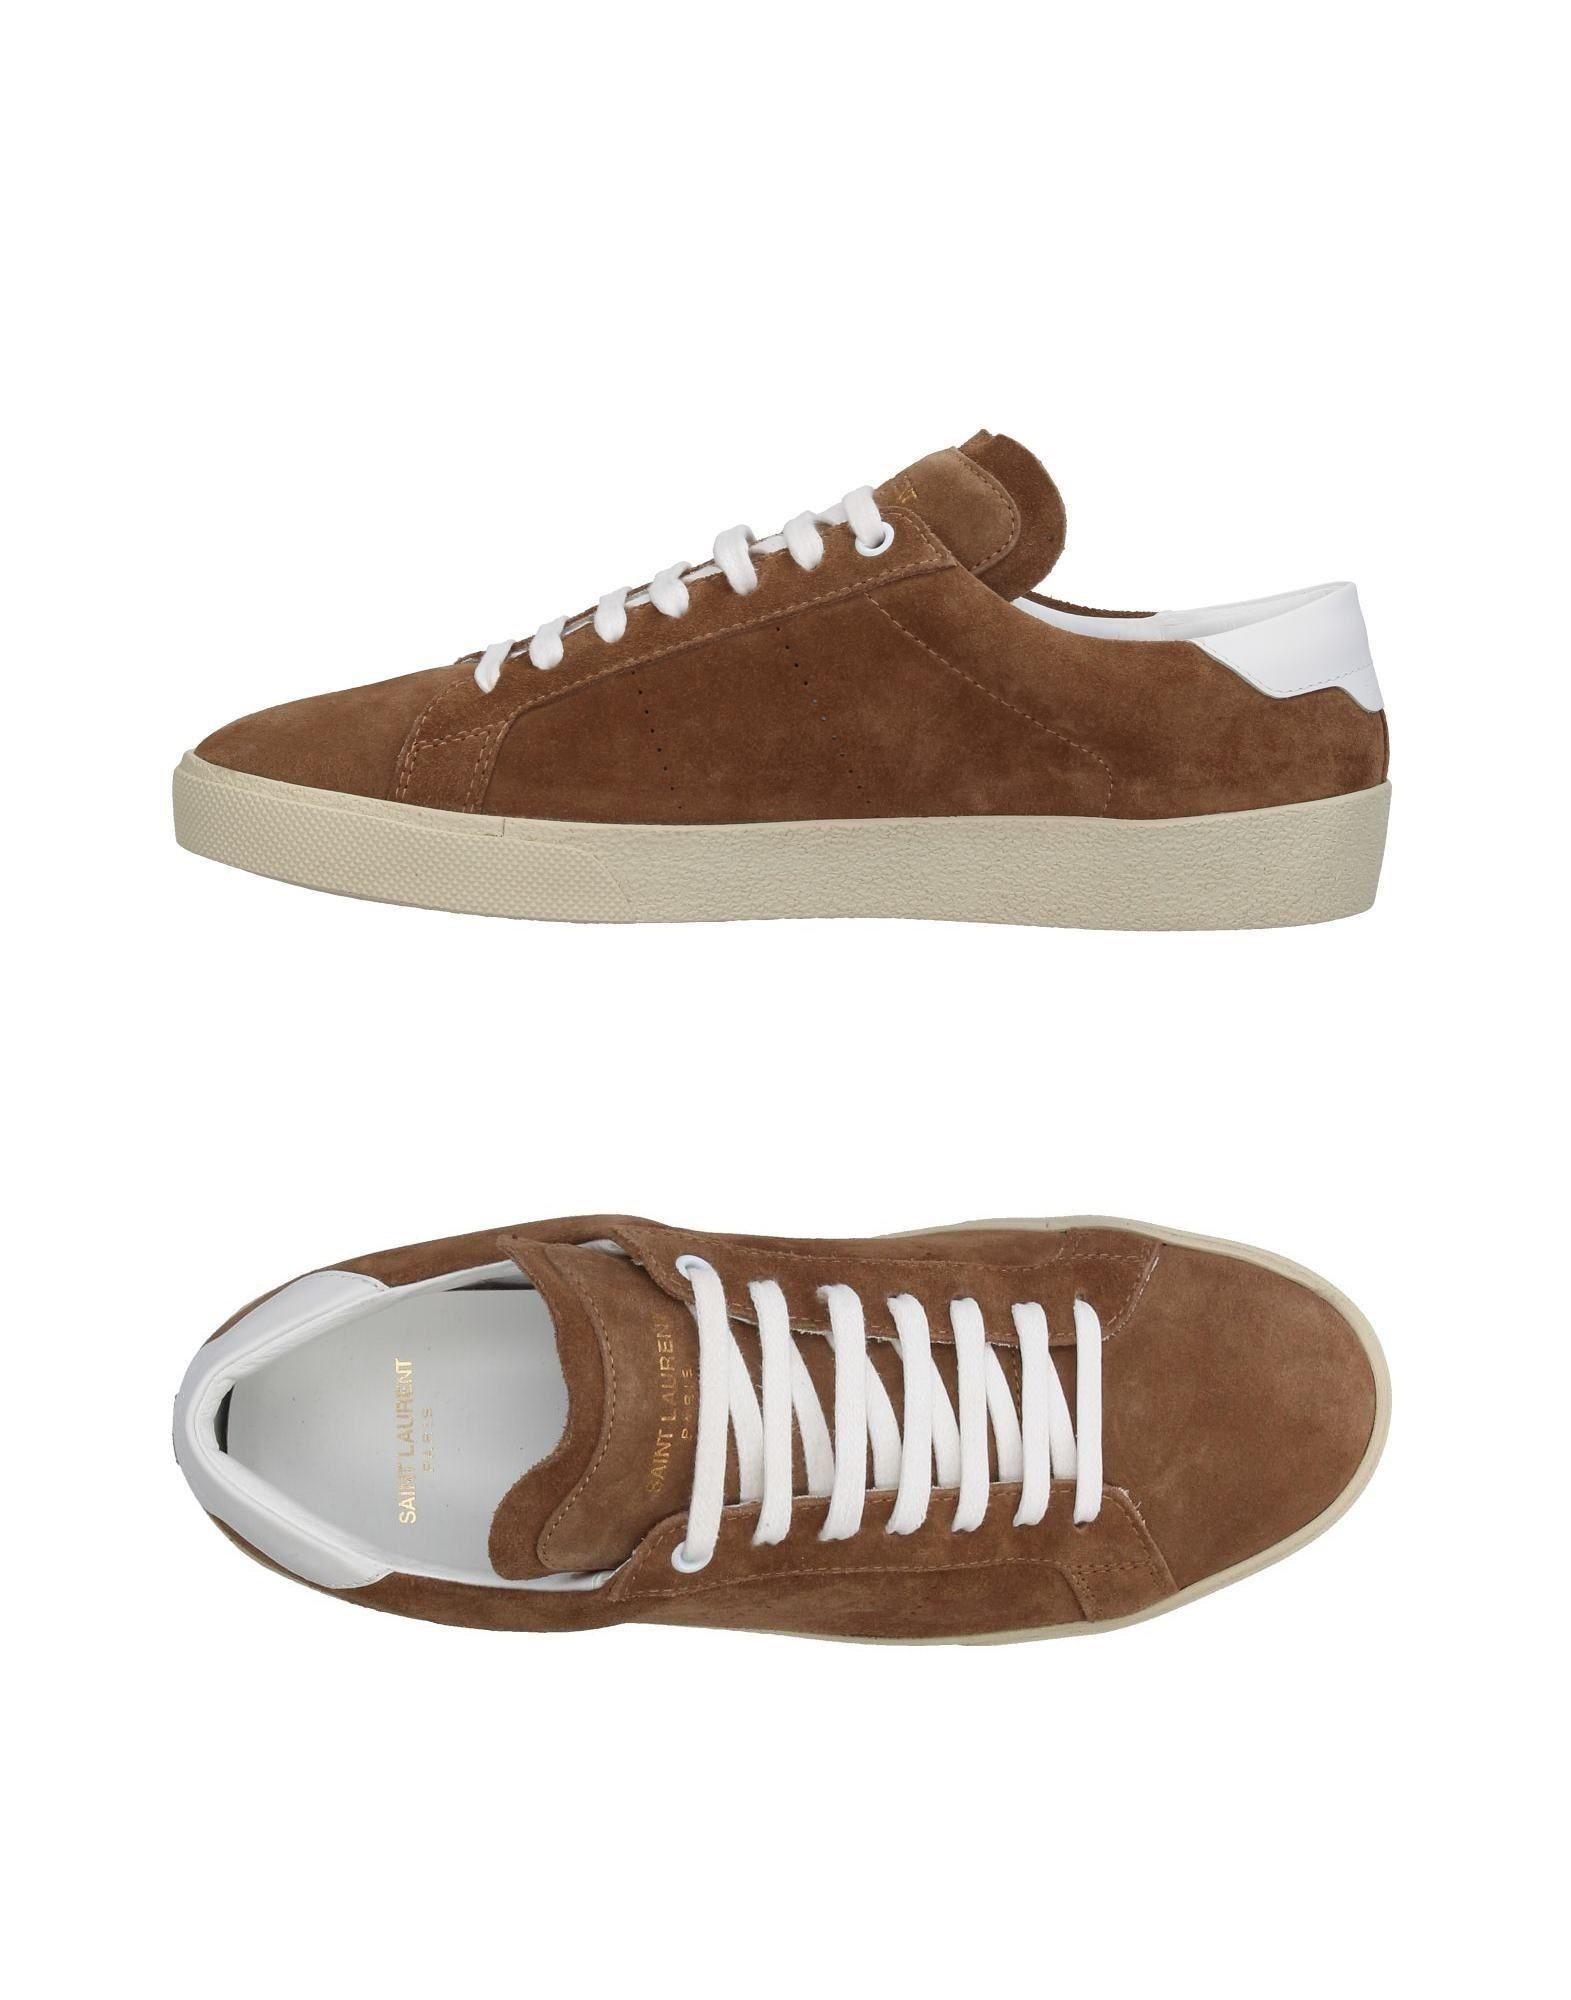 Saint Laurent Sneakers Herren  11390228EW Gute Qualität beliebte Schuhe